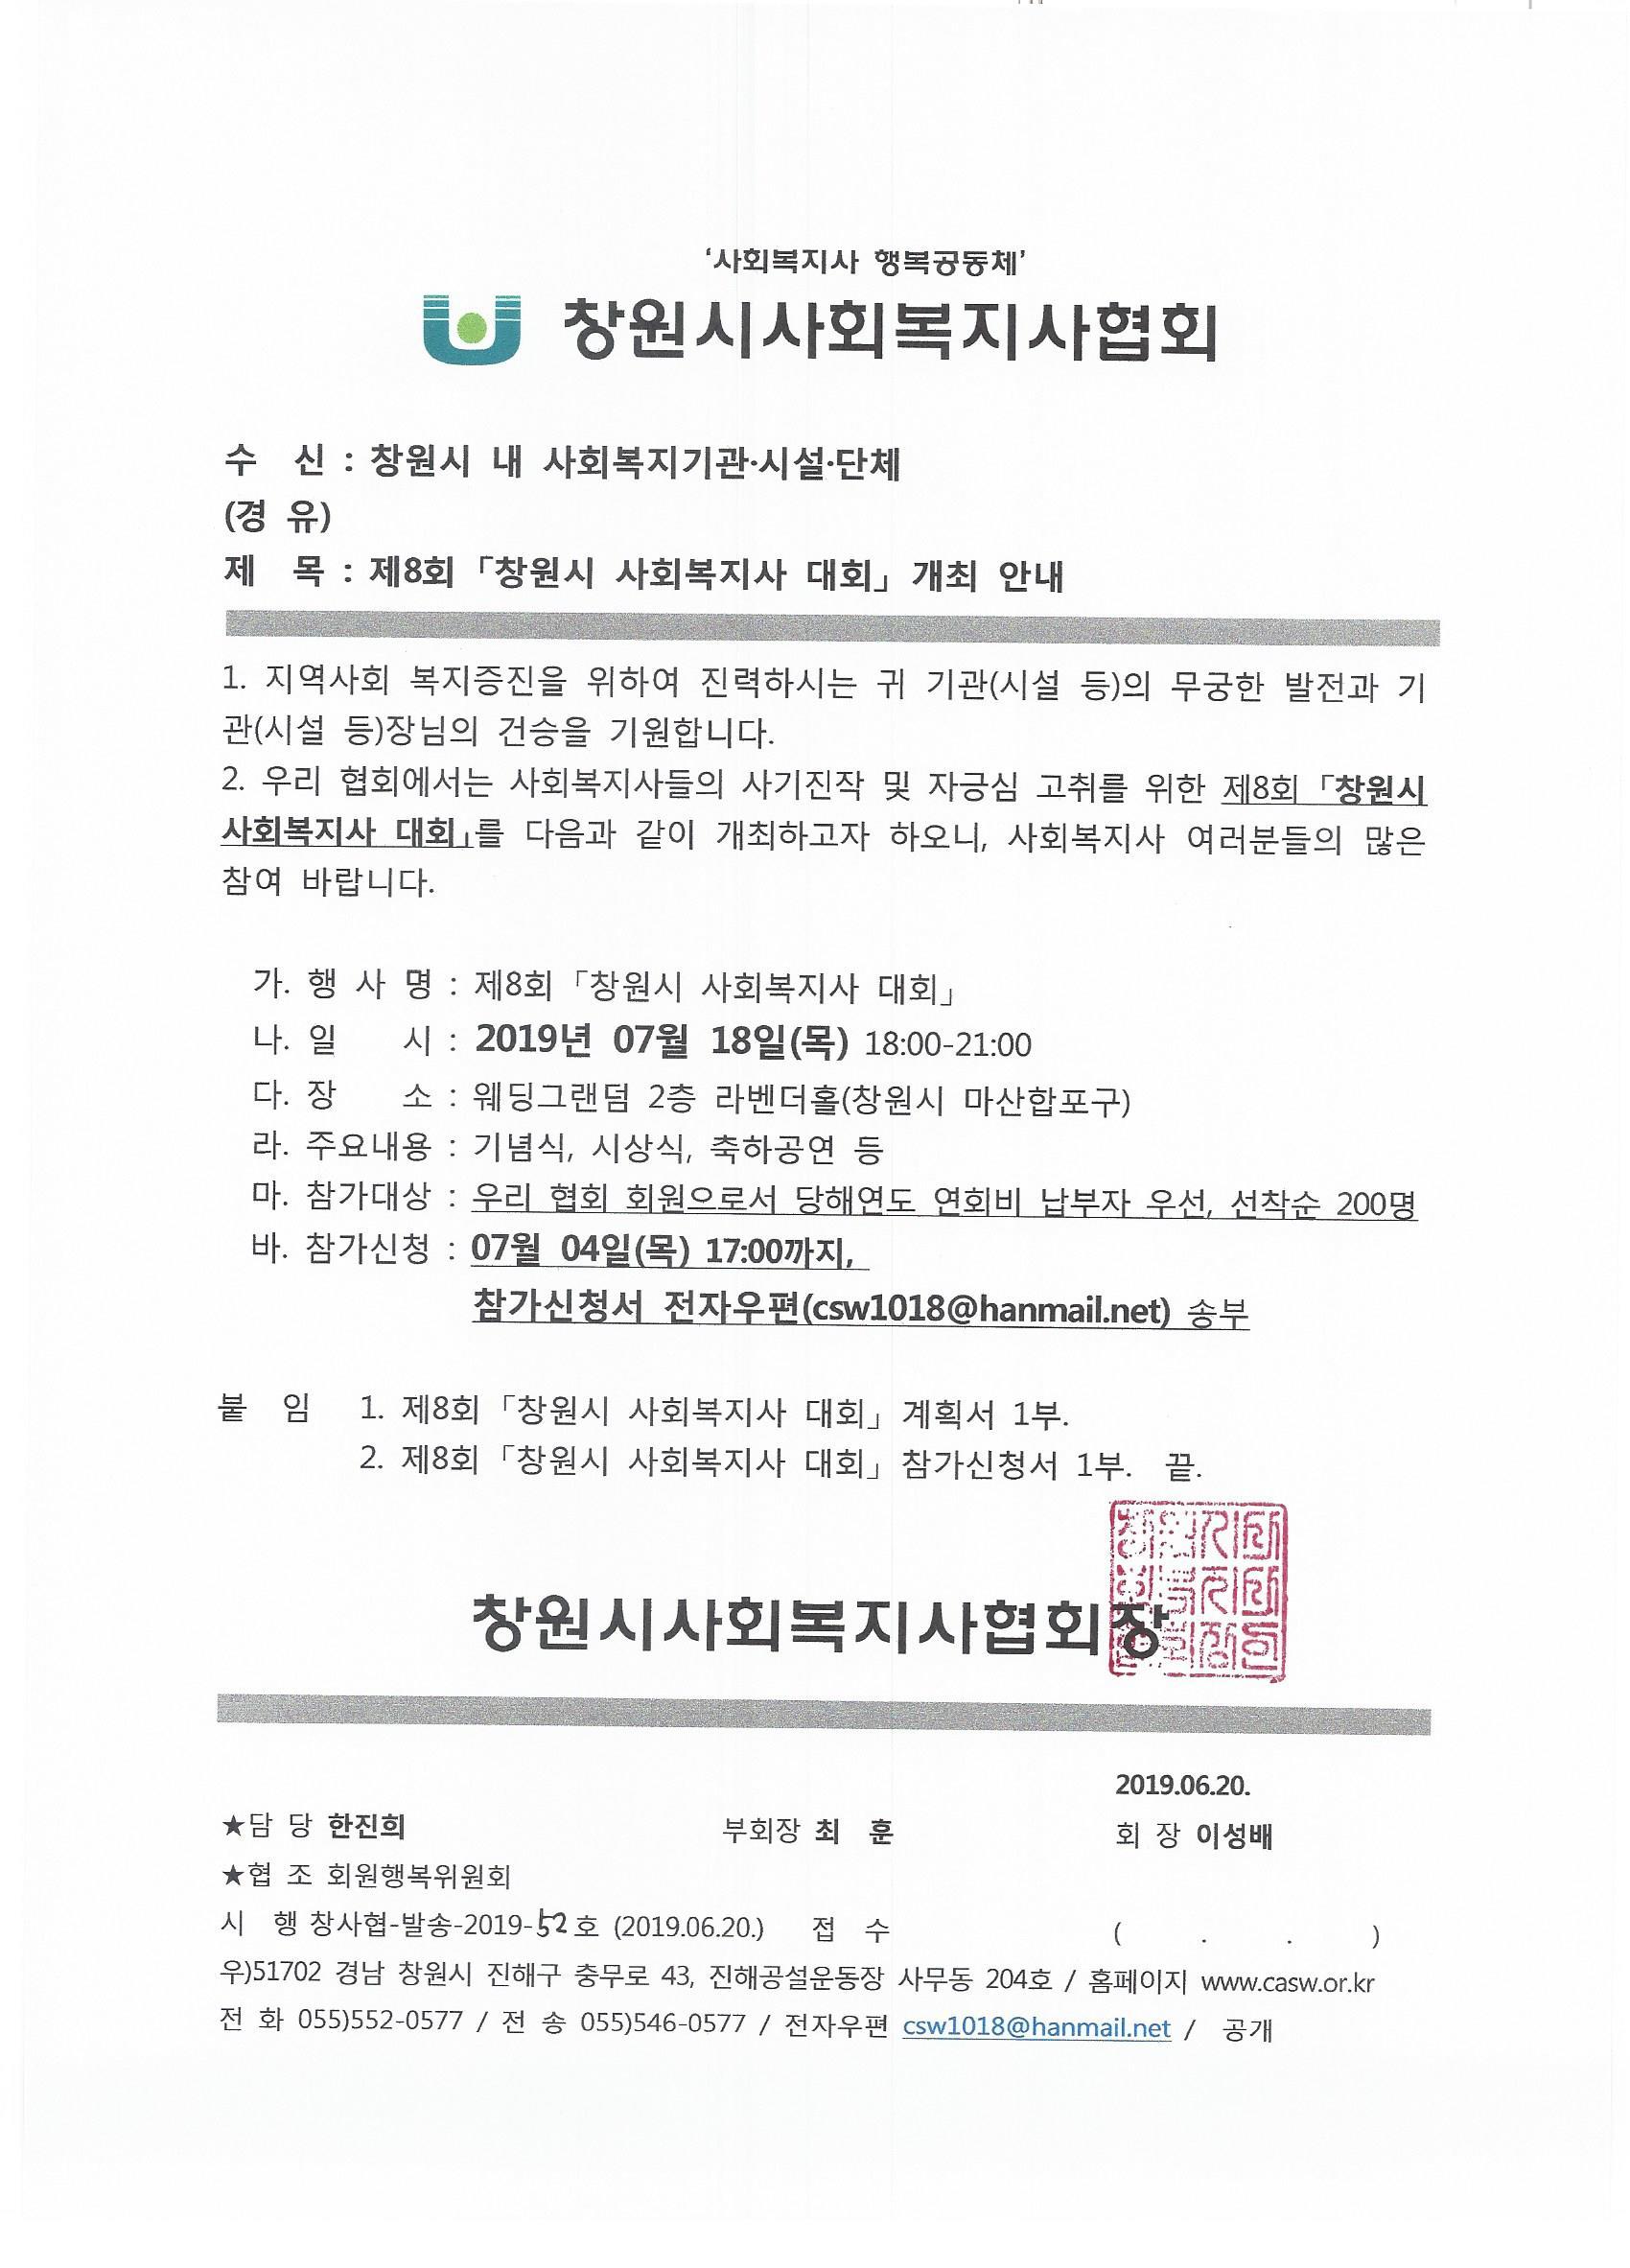 공문-제8회 대회 개최 안내.jpg